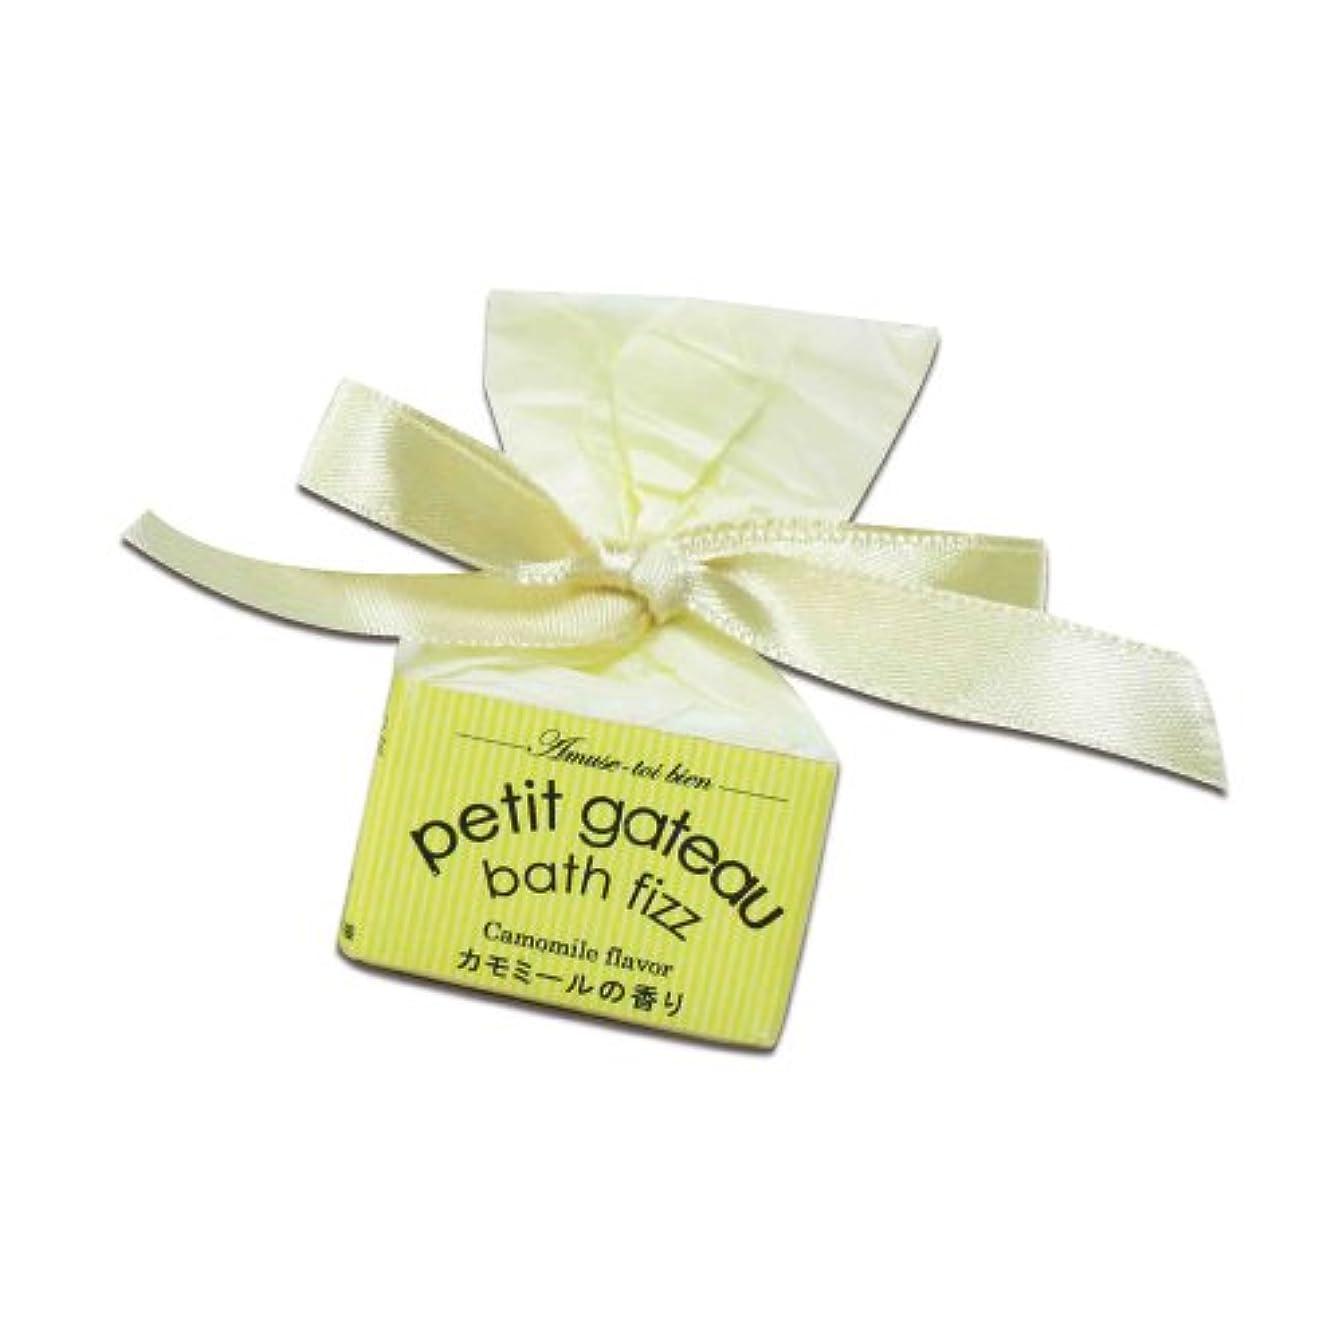 時間とともにスチュワーデスフラッシュのように素早くプチガトーバスフィザー カモミールの香り 12個セット